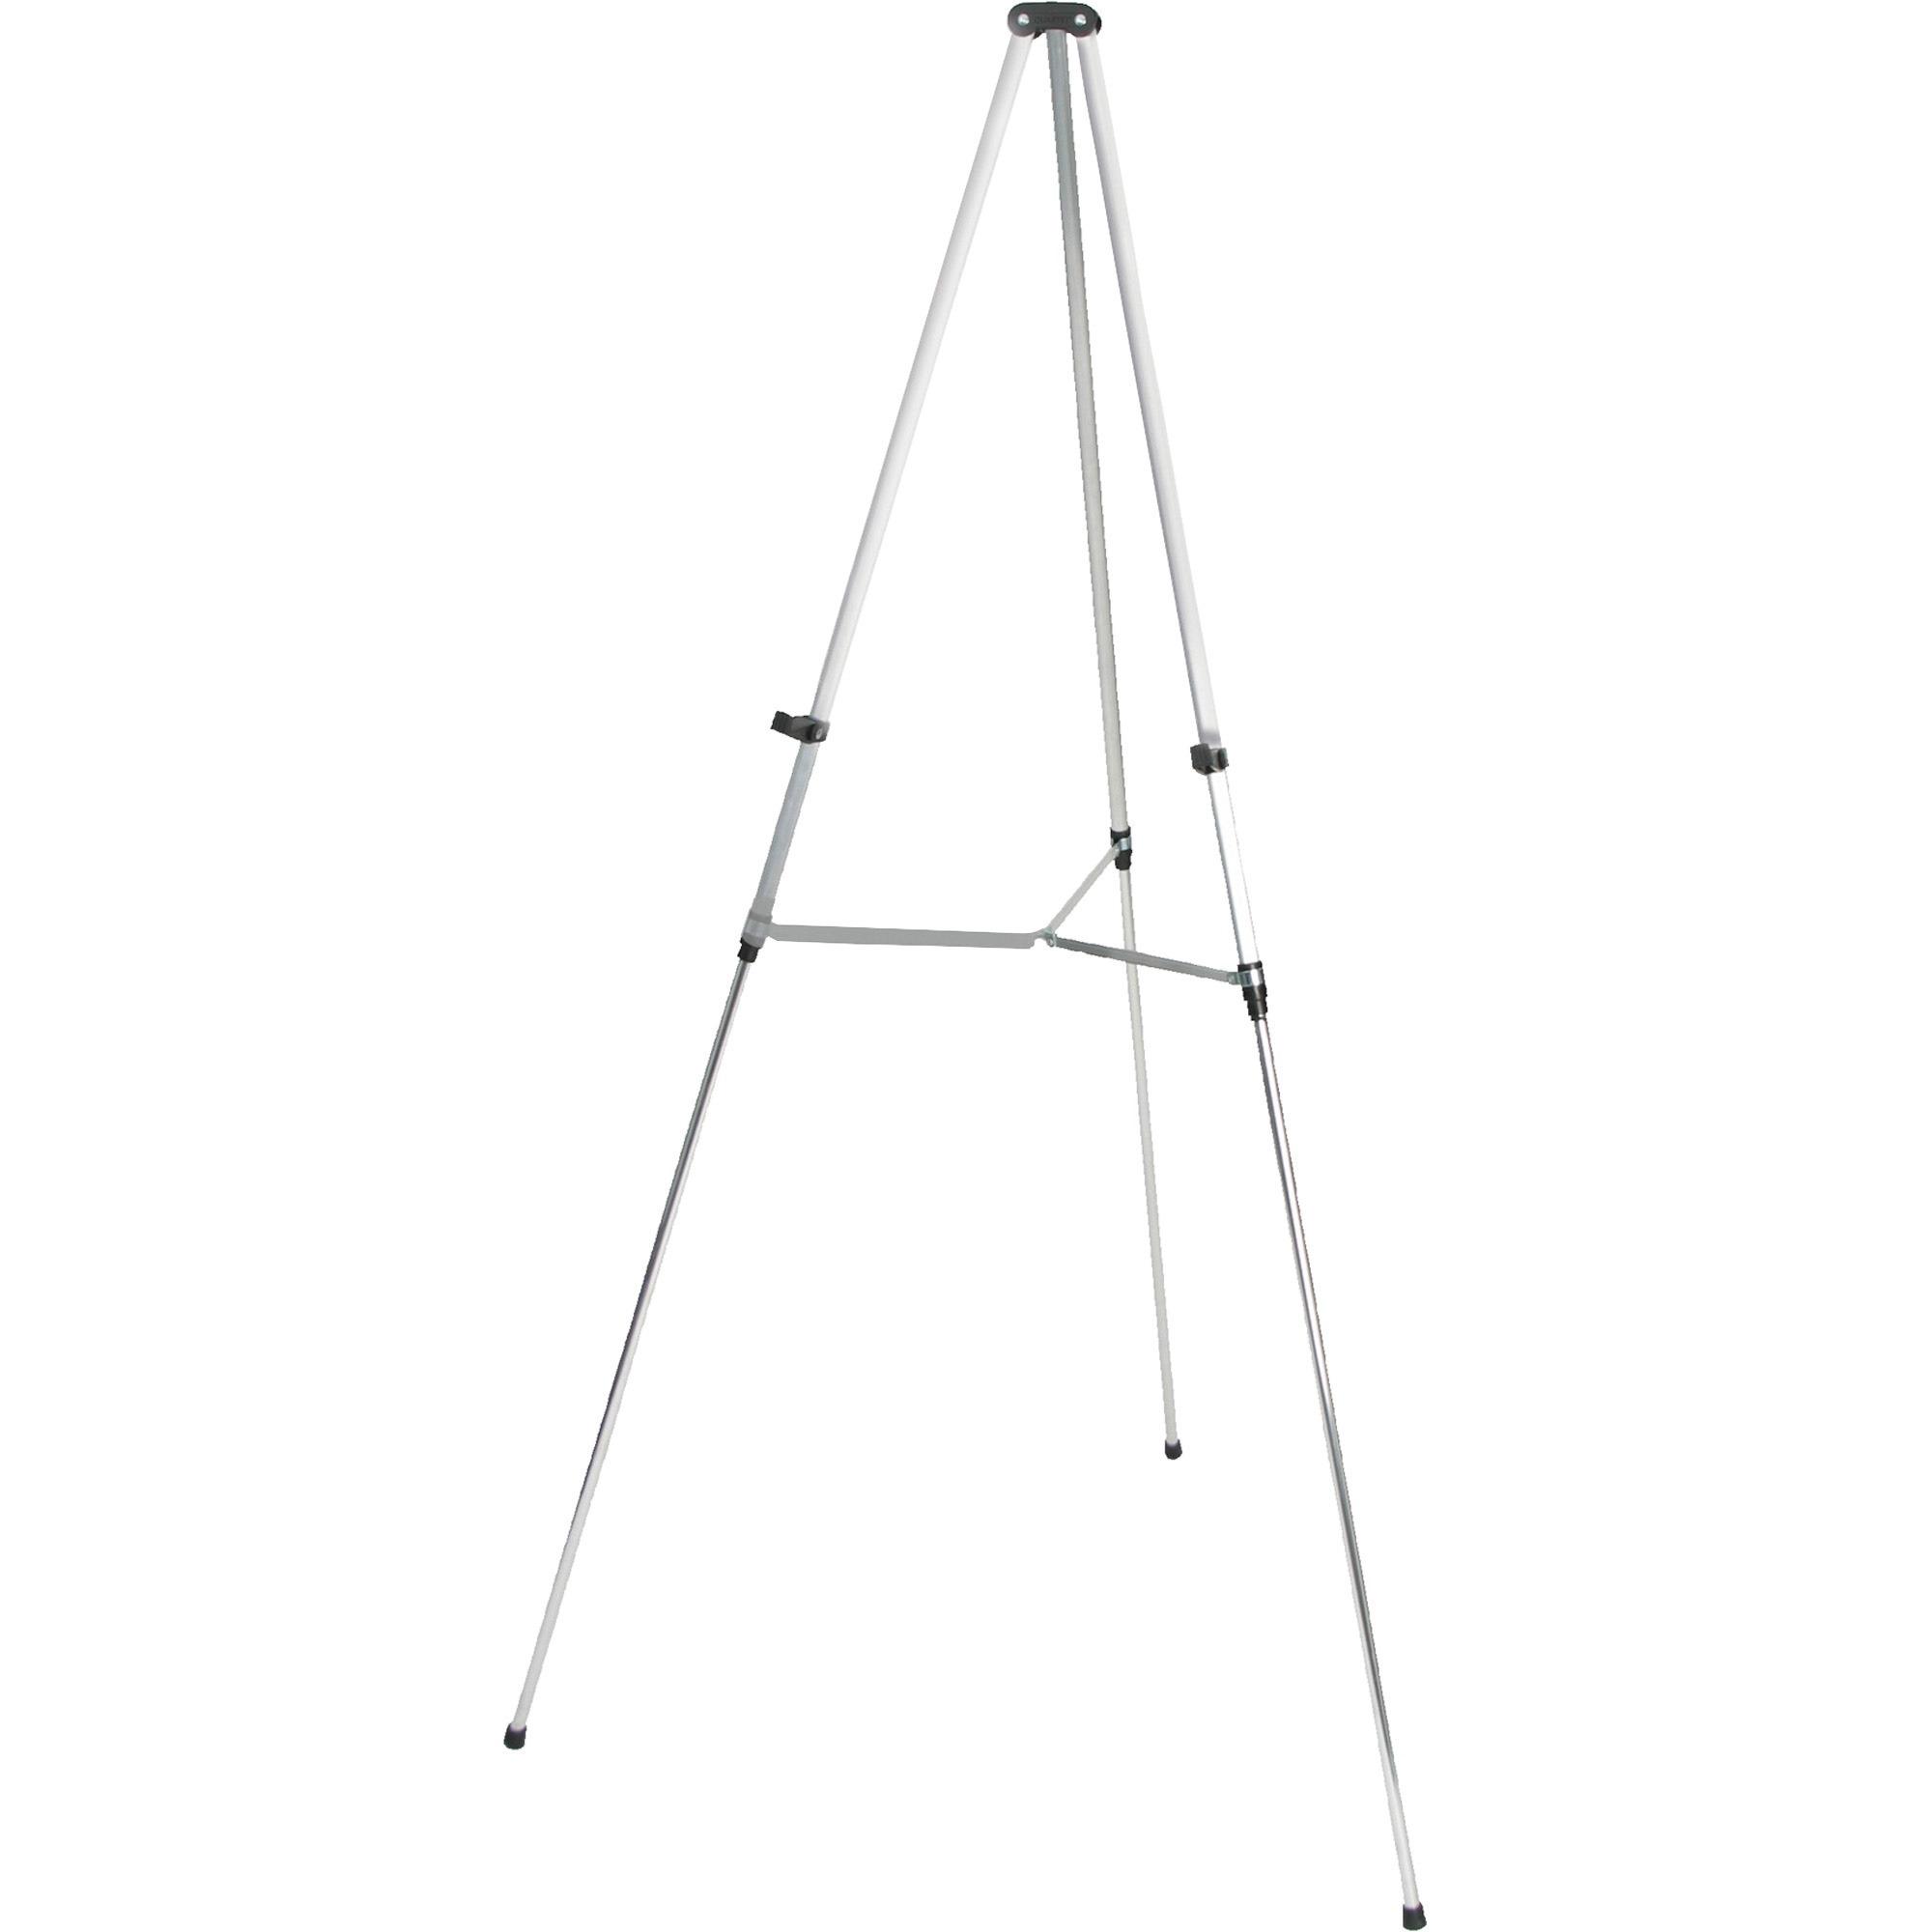 Quartet Lightweight Aluminum Telescoping Easel